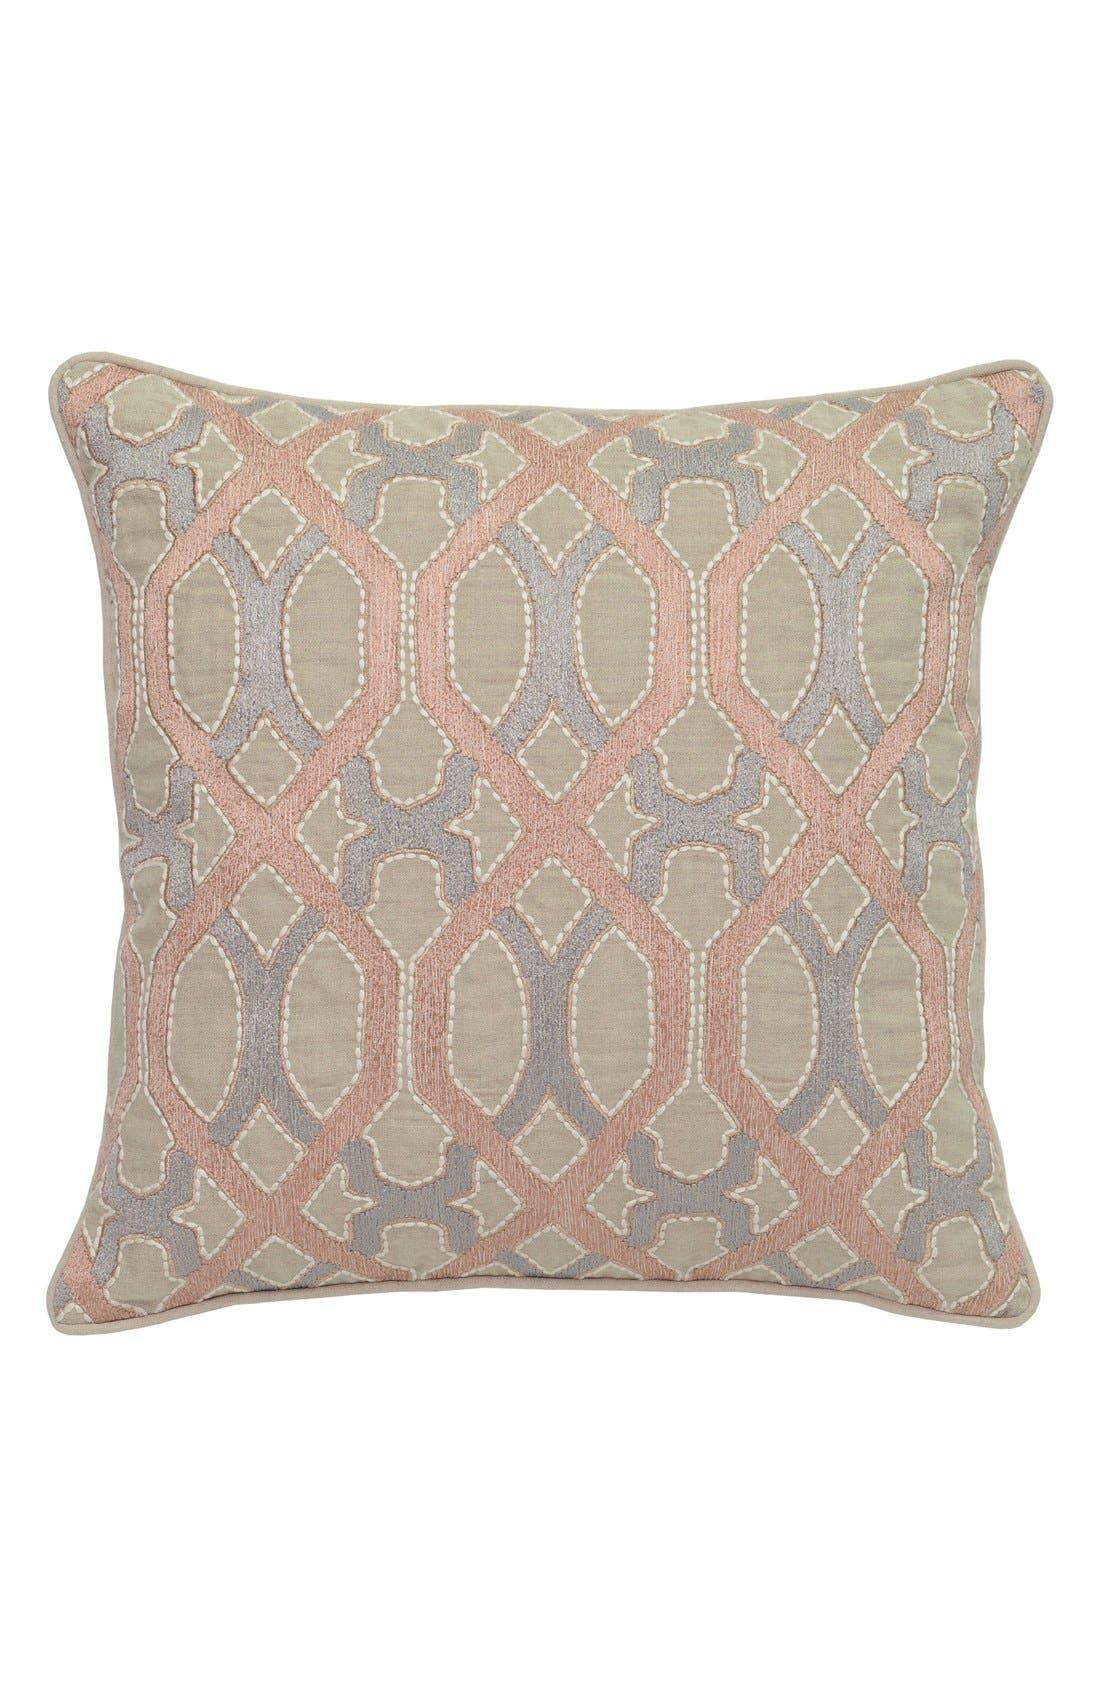 'Lois' Accent Pillow,                         Main,                         color, Blush/ Grey